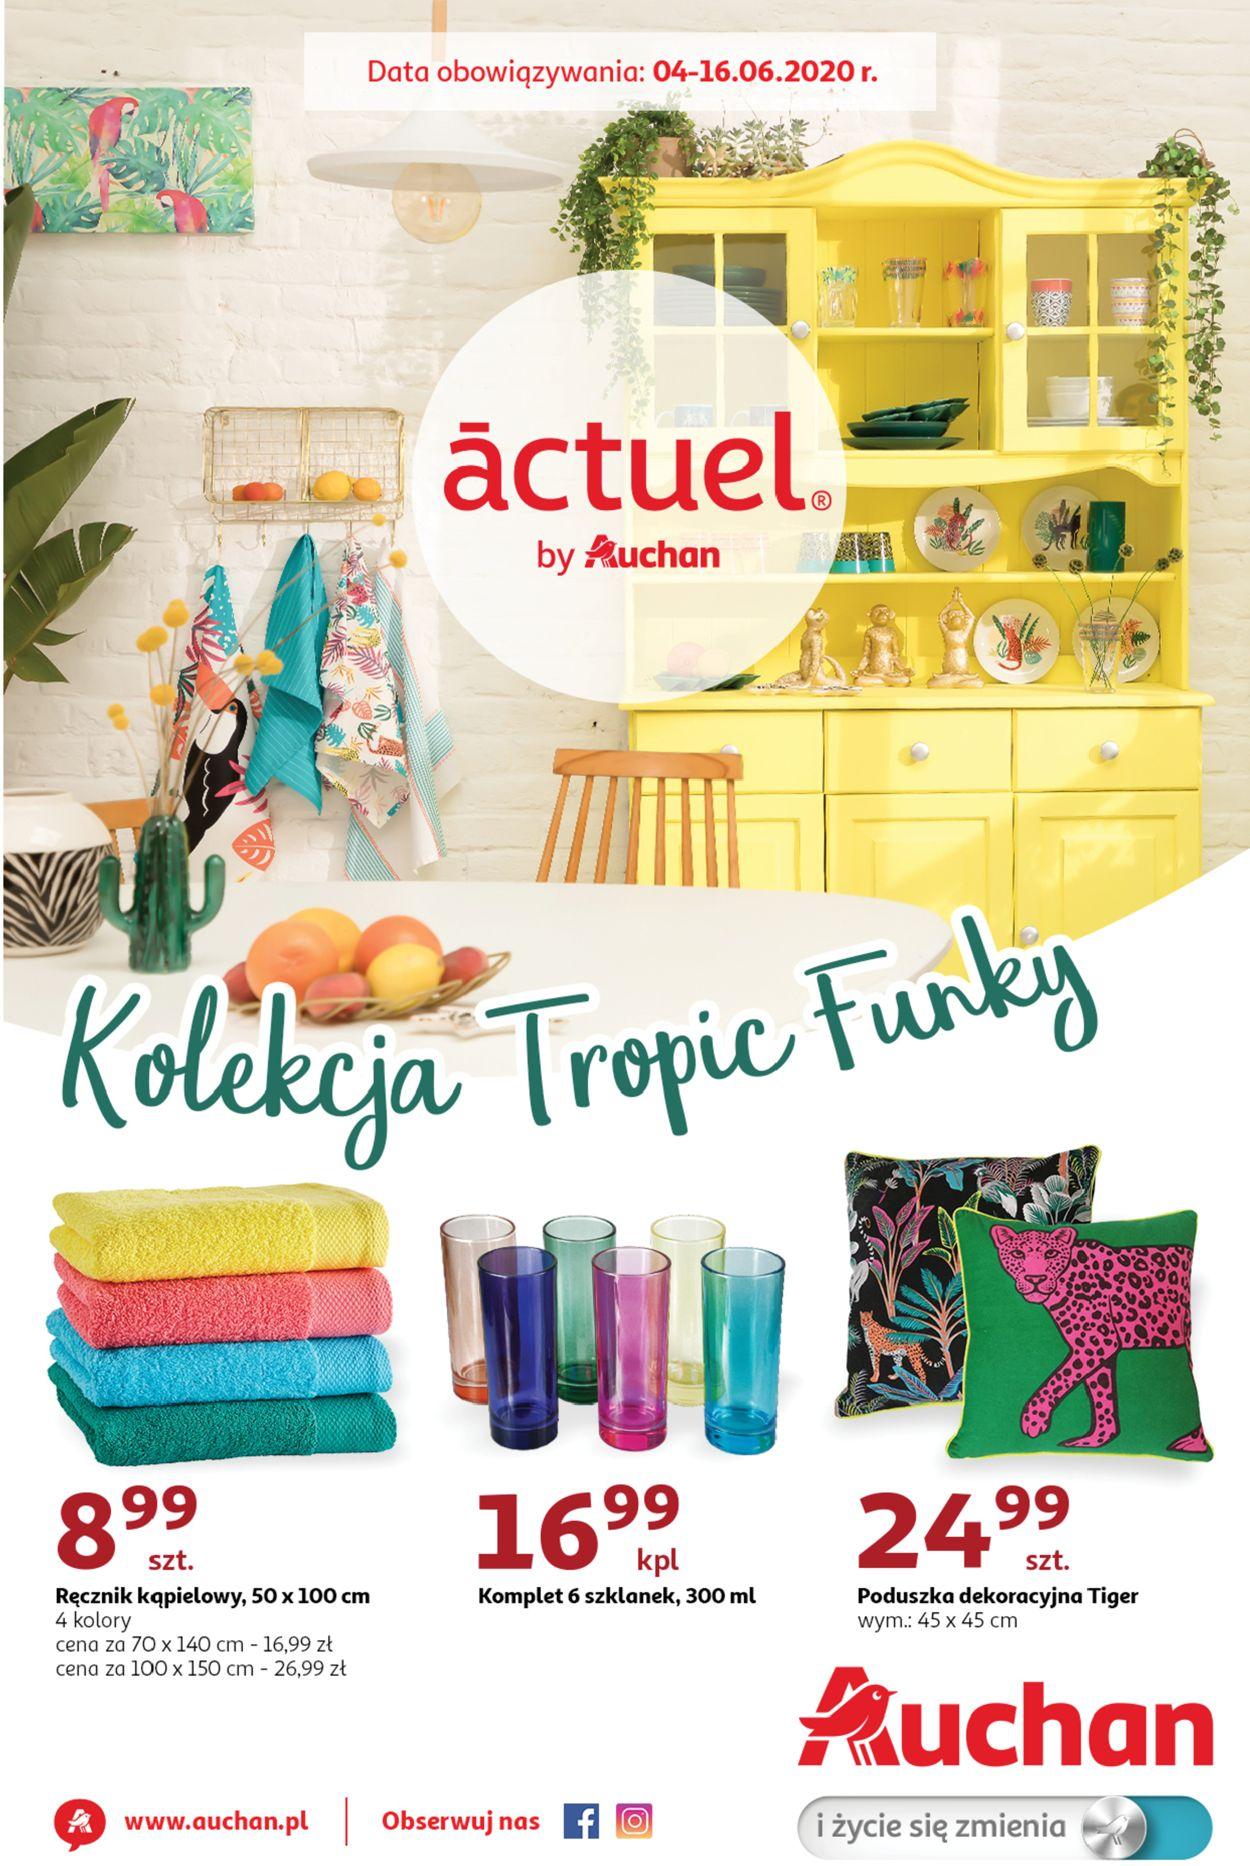 Gazetka promocyjna Auchan - 04.06-16.06.2020